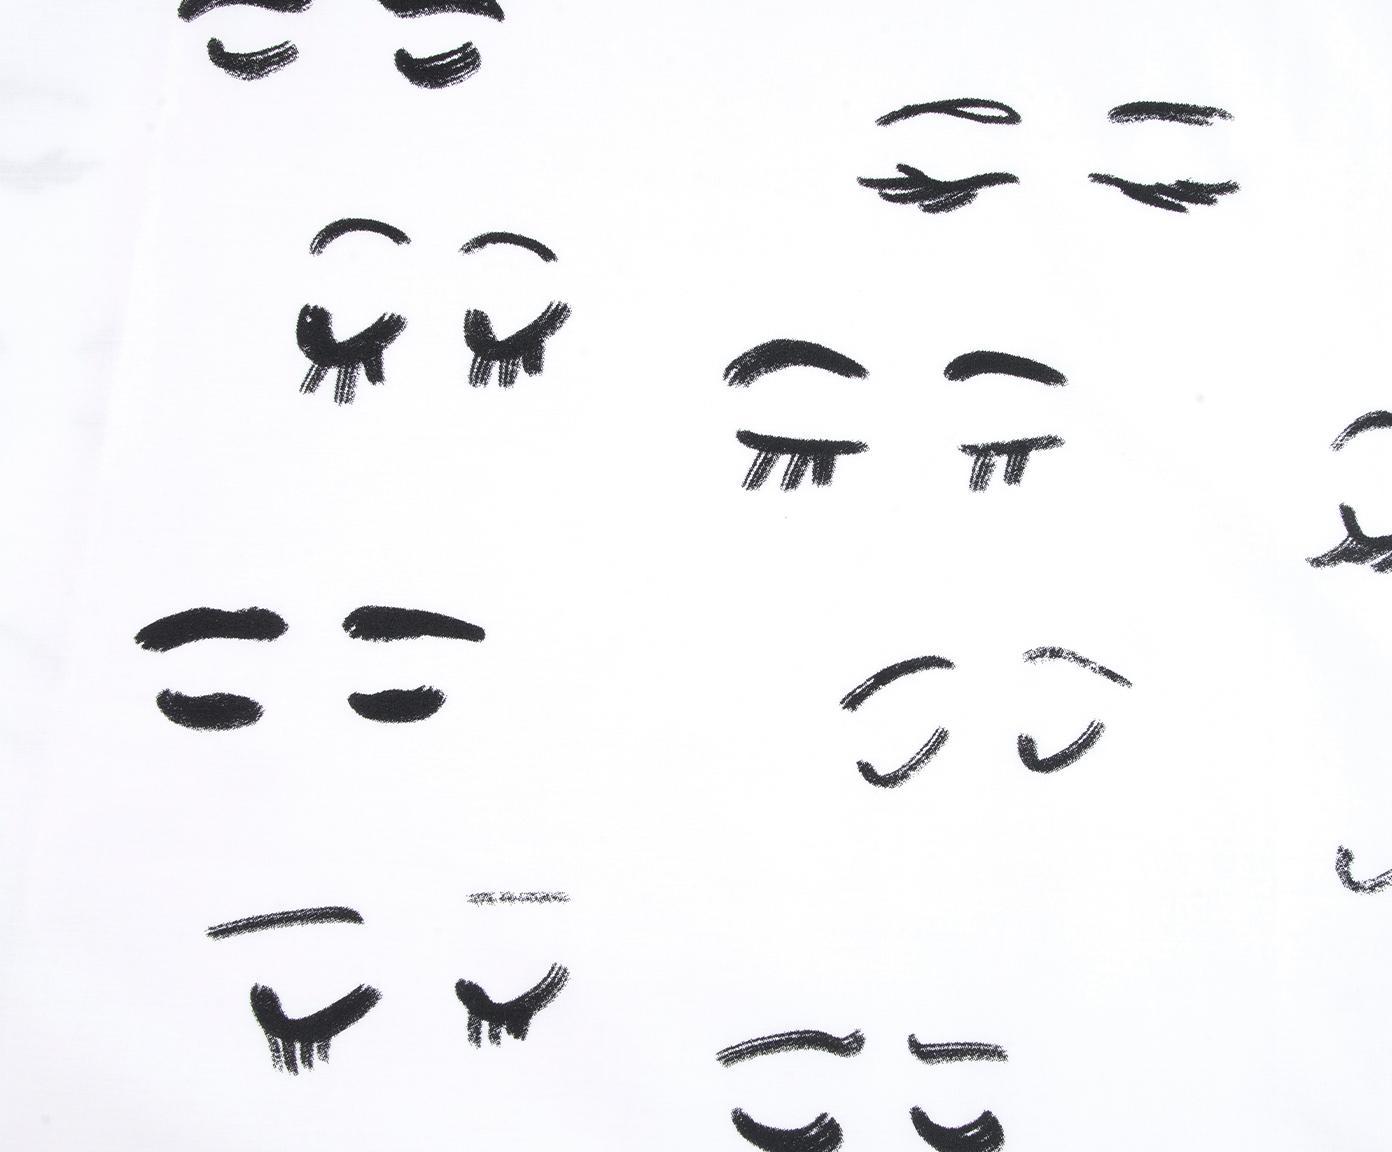 Pościel z perkalu Lashes od Kery Till, Biały, czarny, 240 x 220 cm